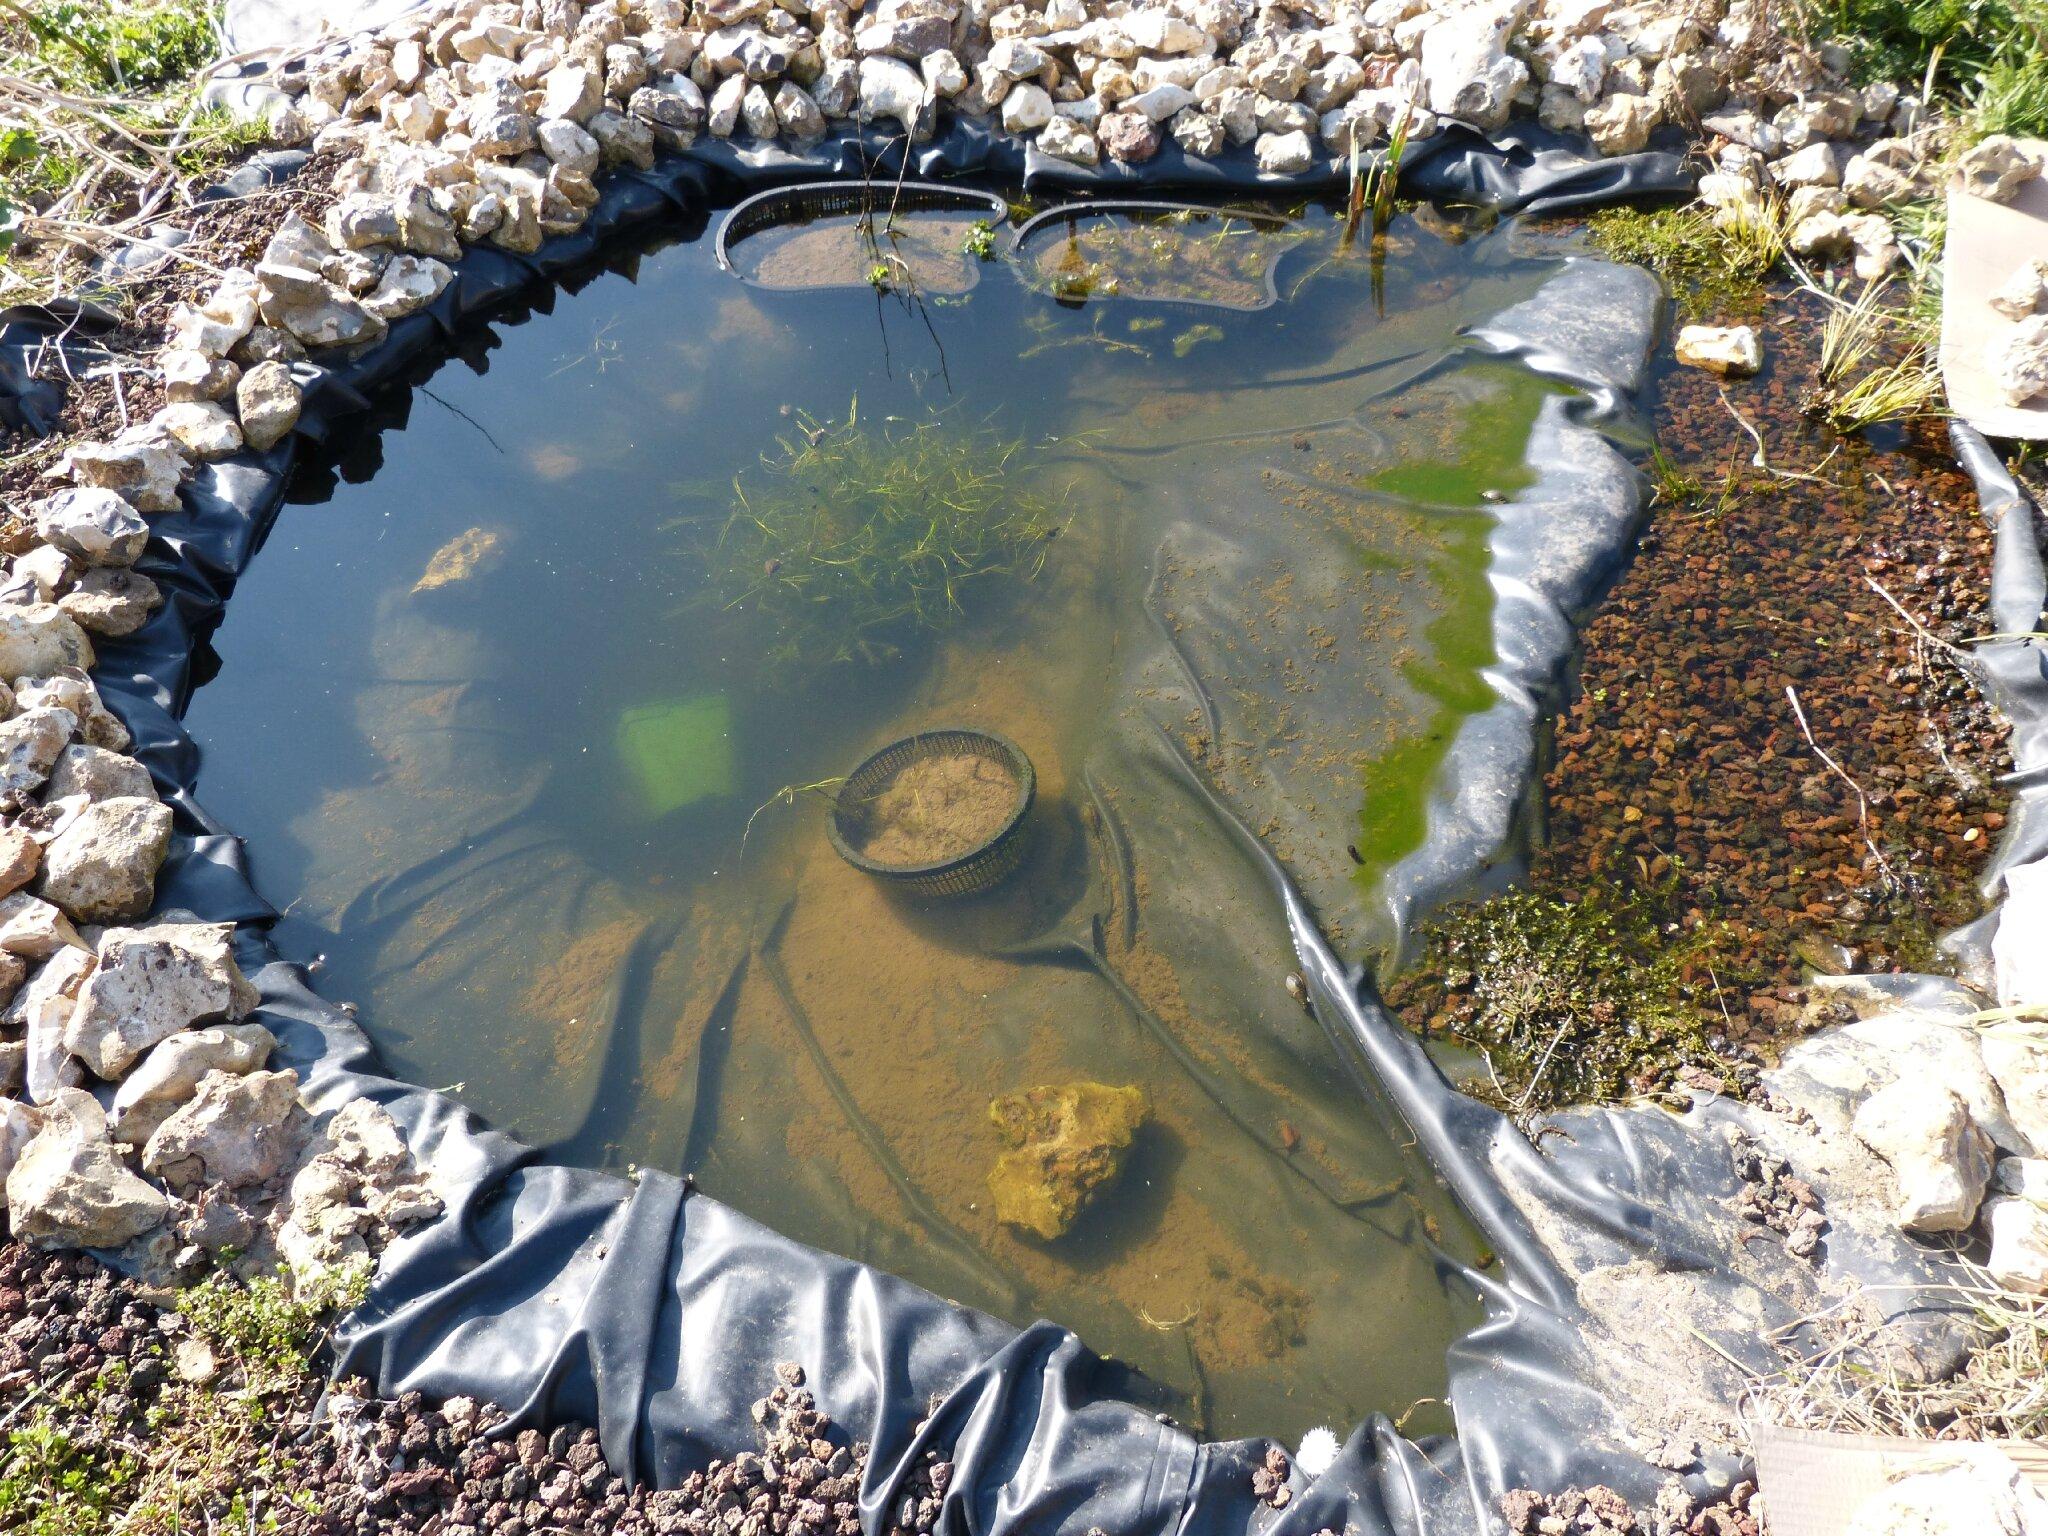 Le petit bassin et la petite reocaille - Notre Jardin Ecologique